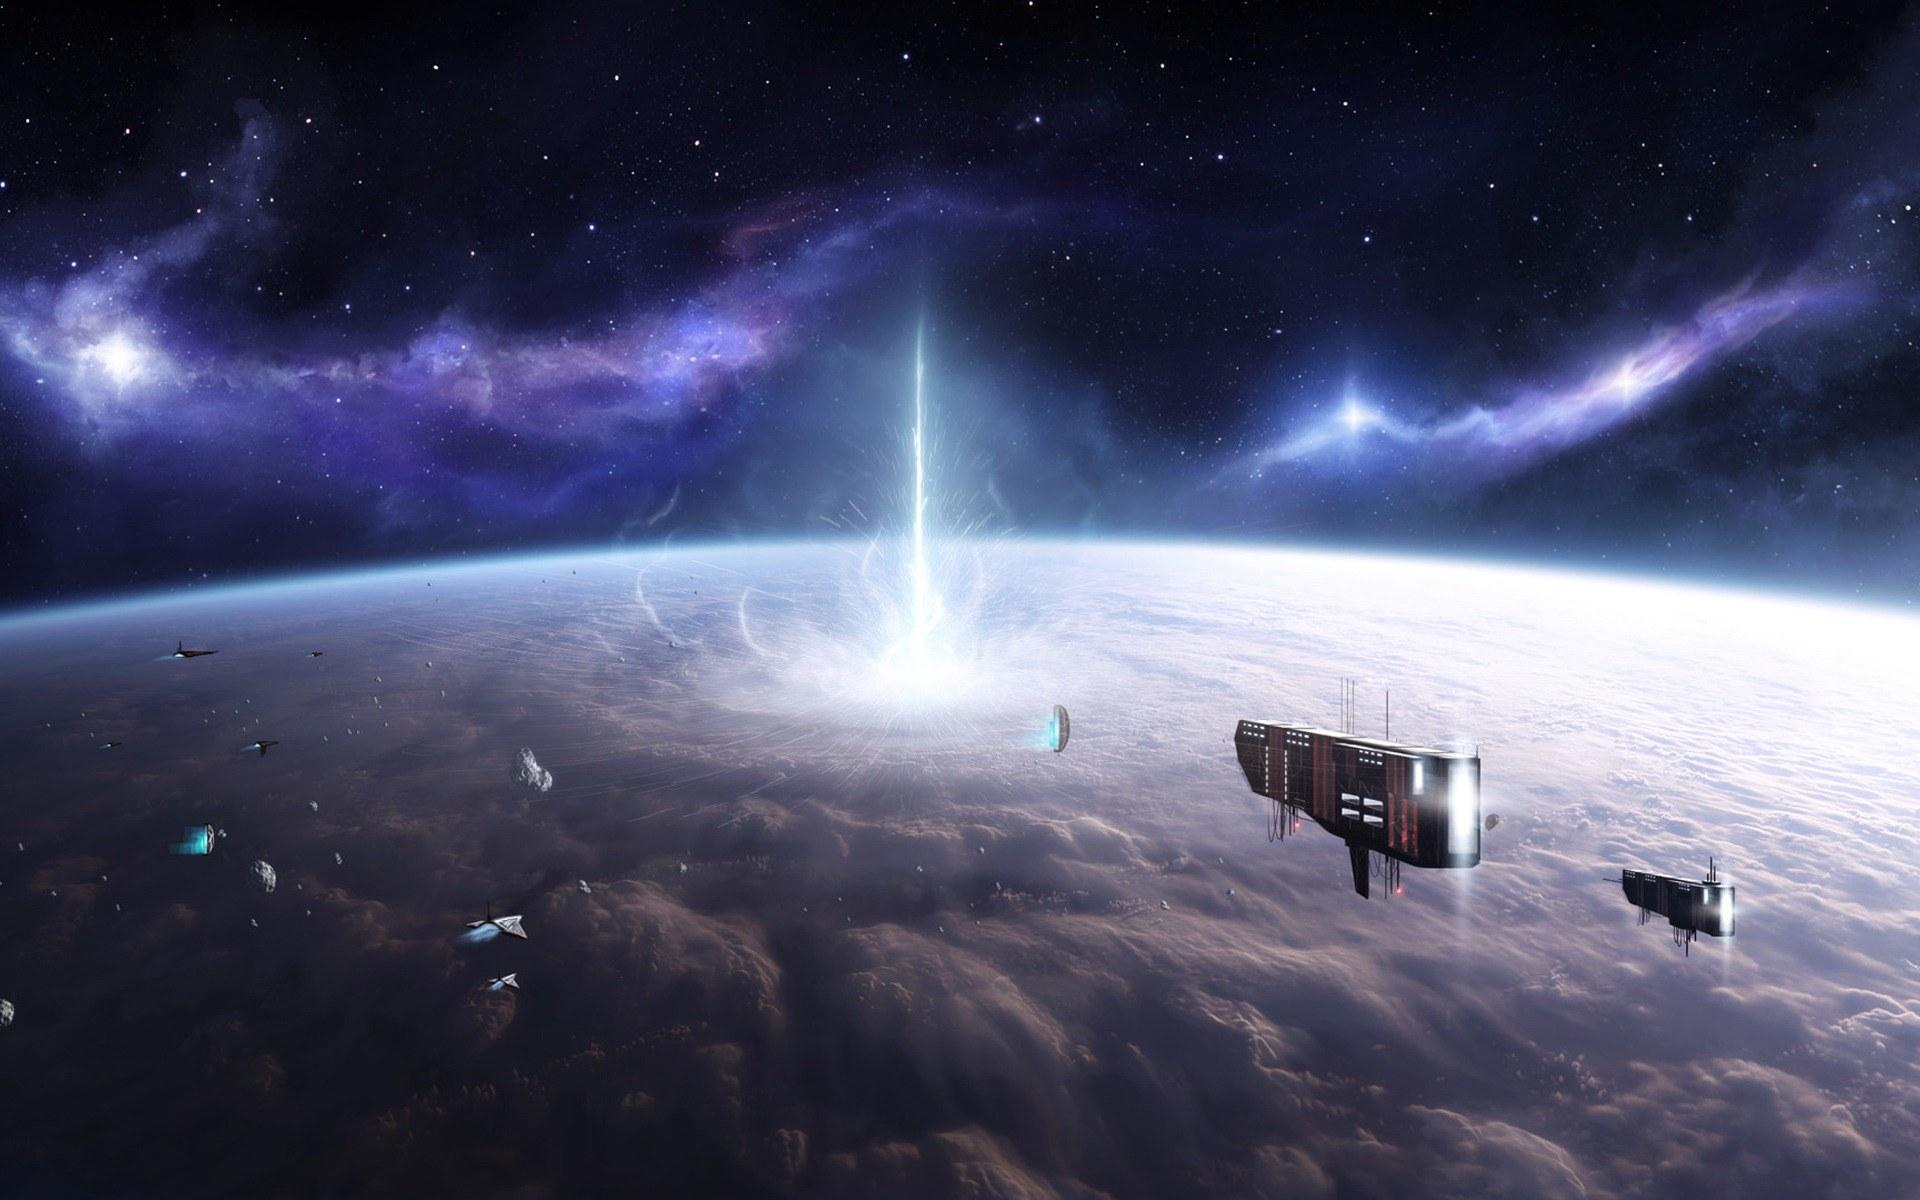 Обои космический корабль планета картинки на рабочий стол на тему Космос - скачать  № 3950447 без смс